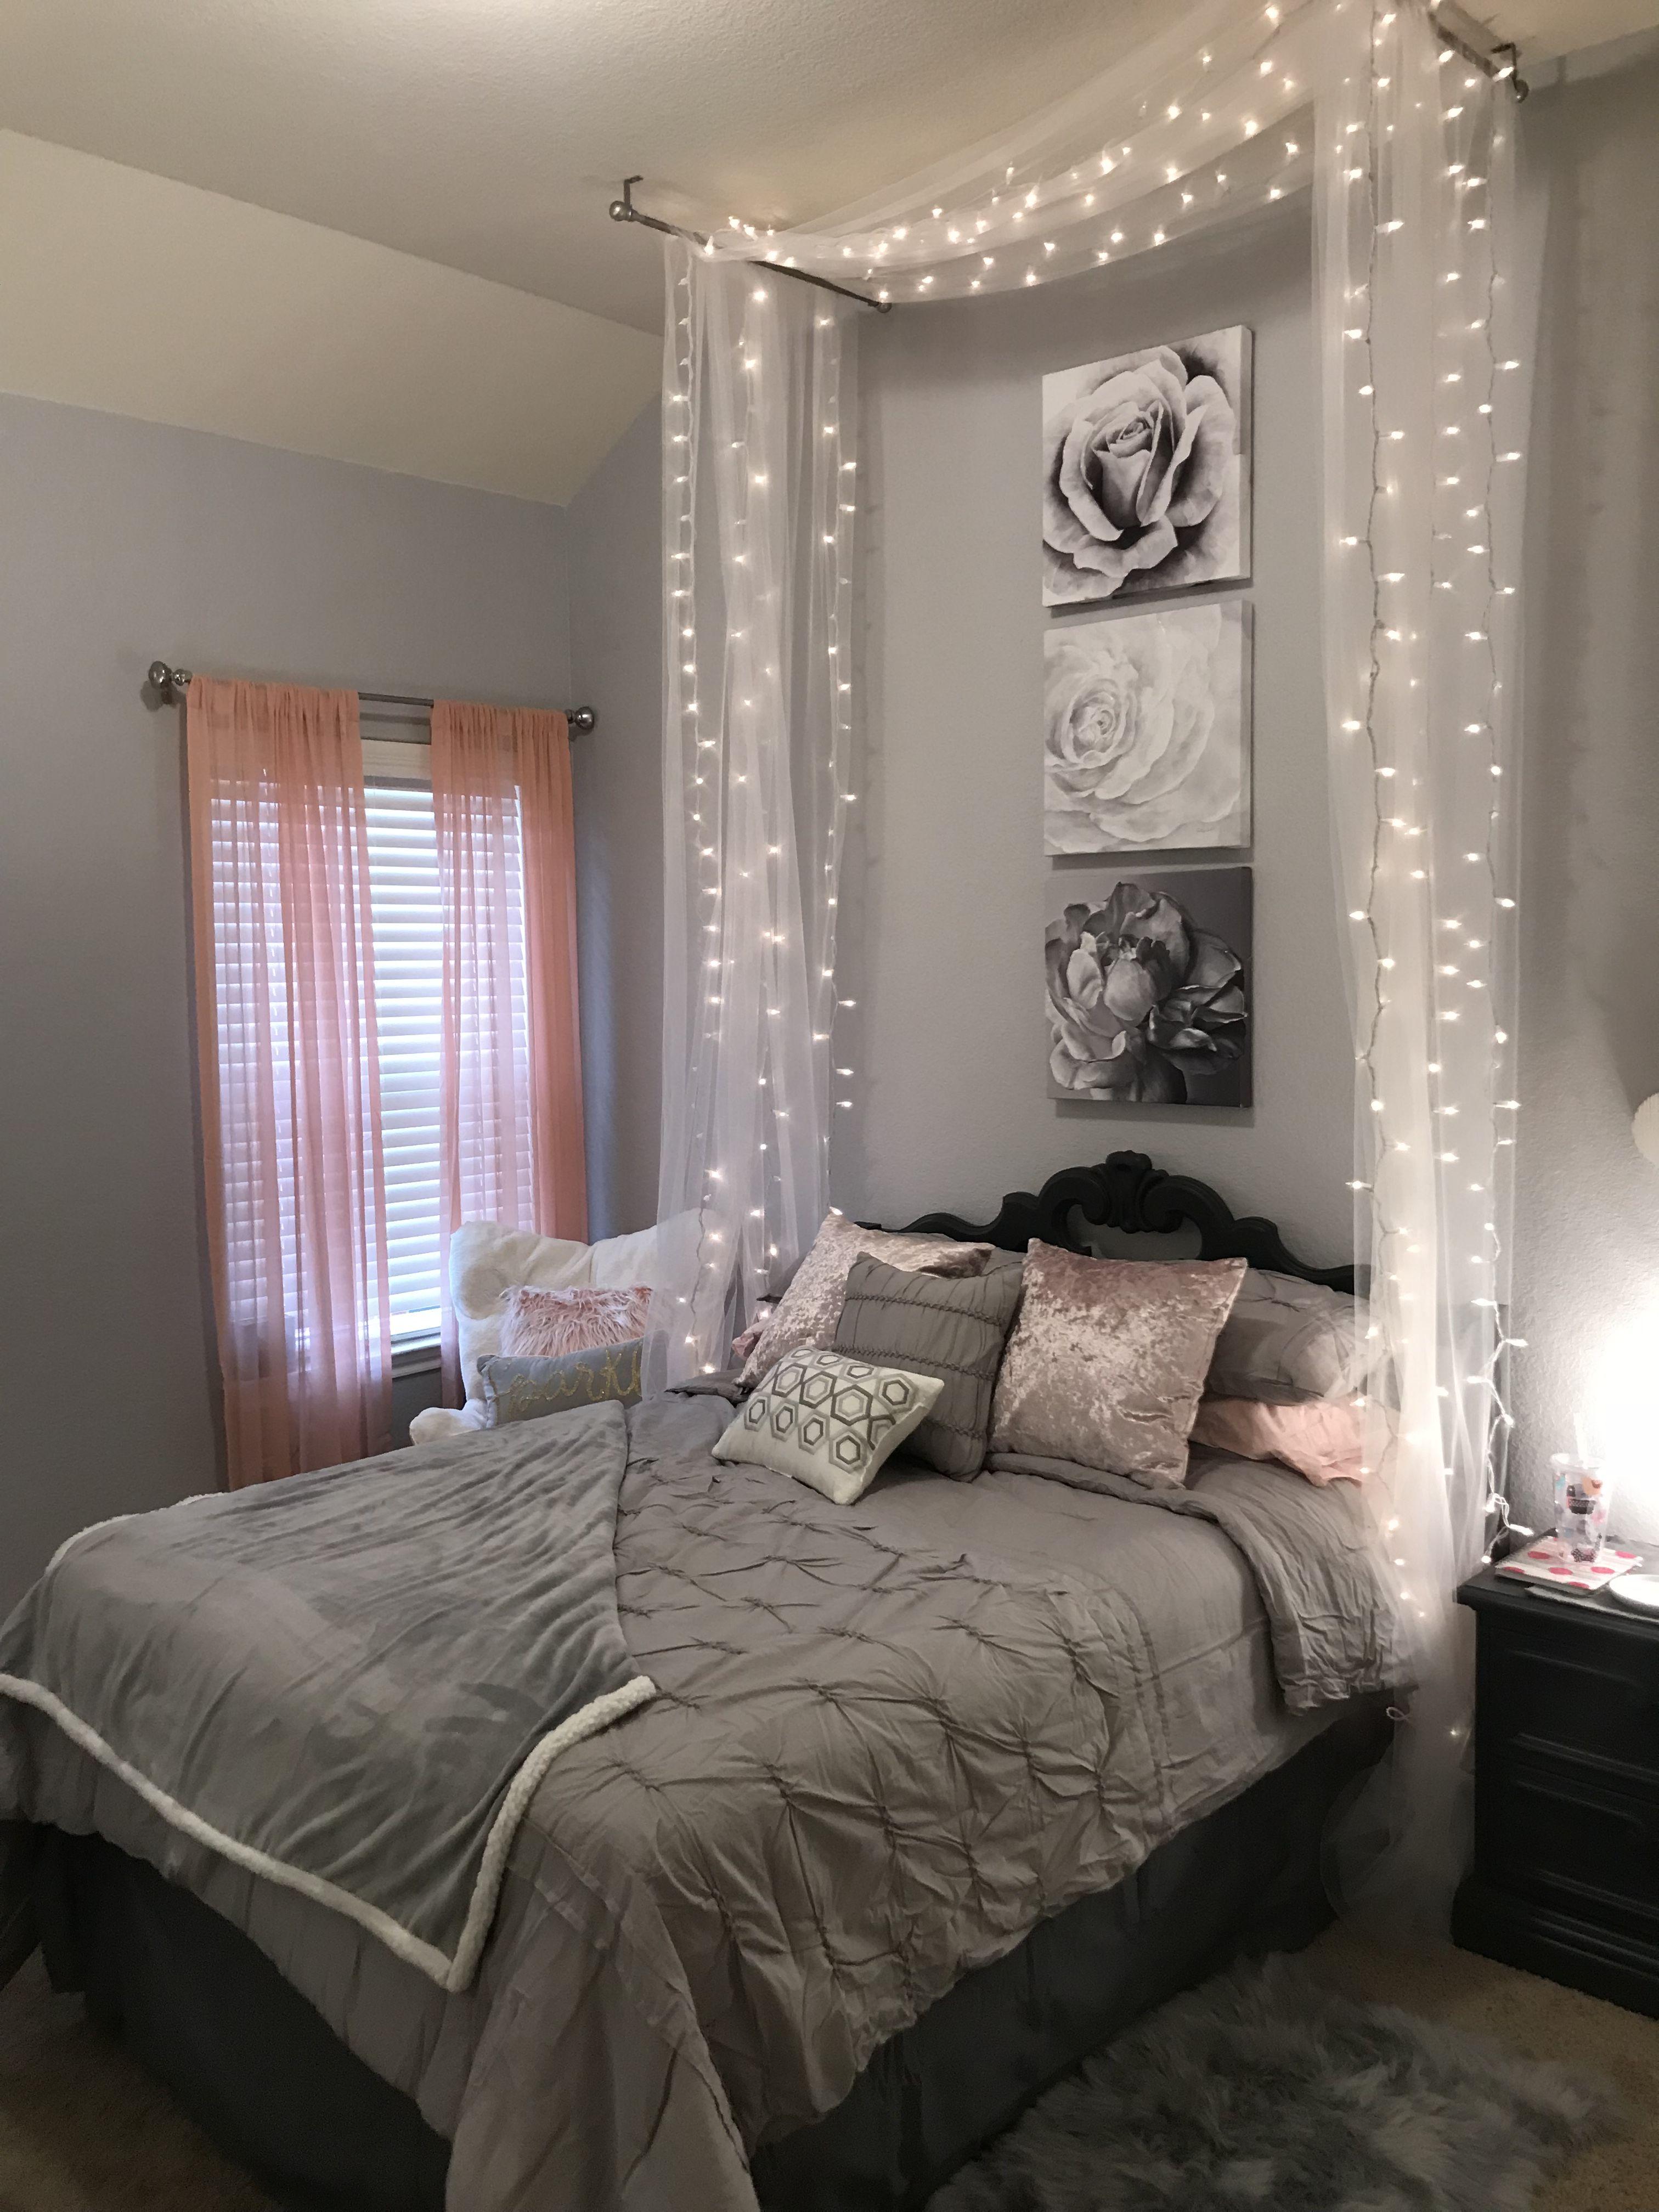 Pin on Jamison's bedroom redo ideas